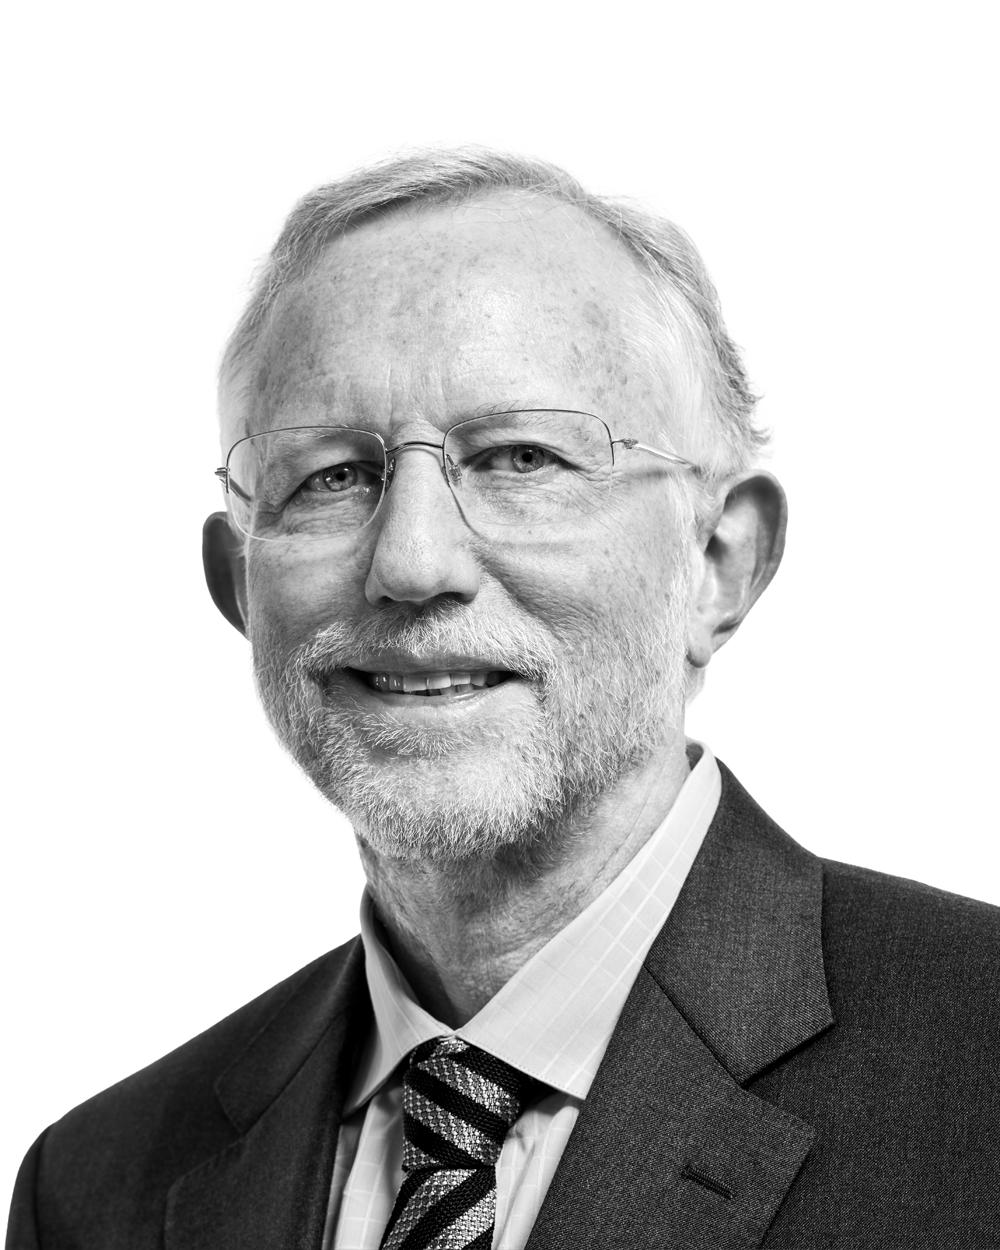 Charles M. Rice III